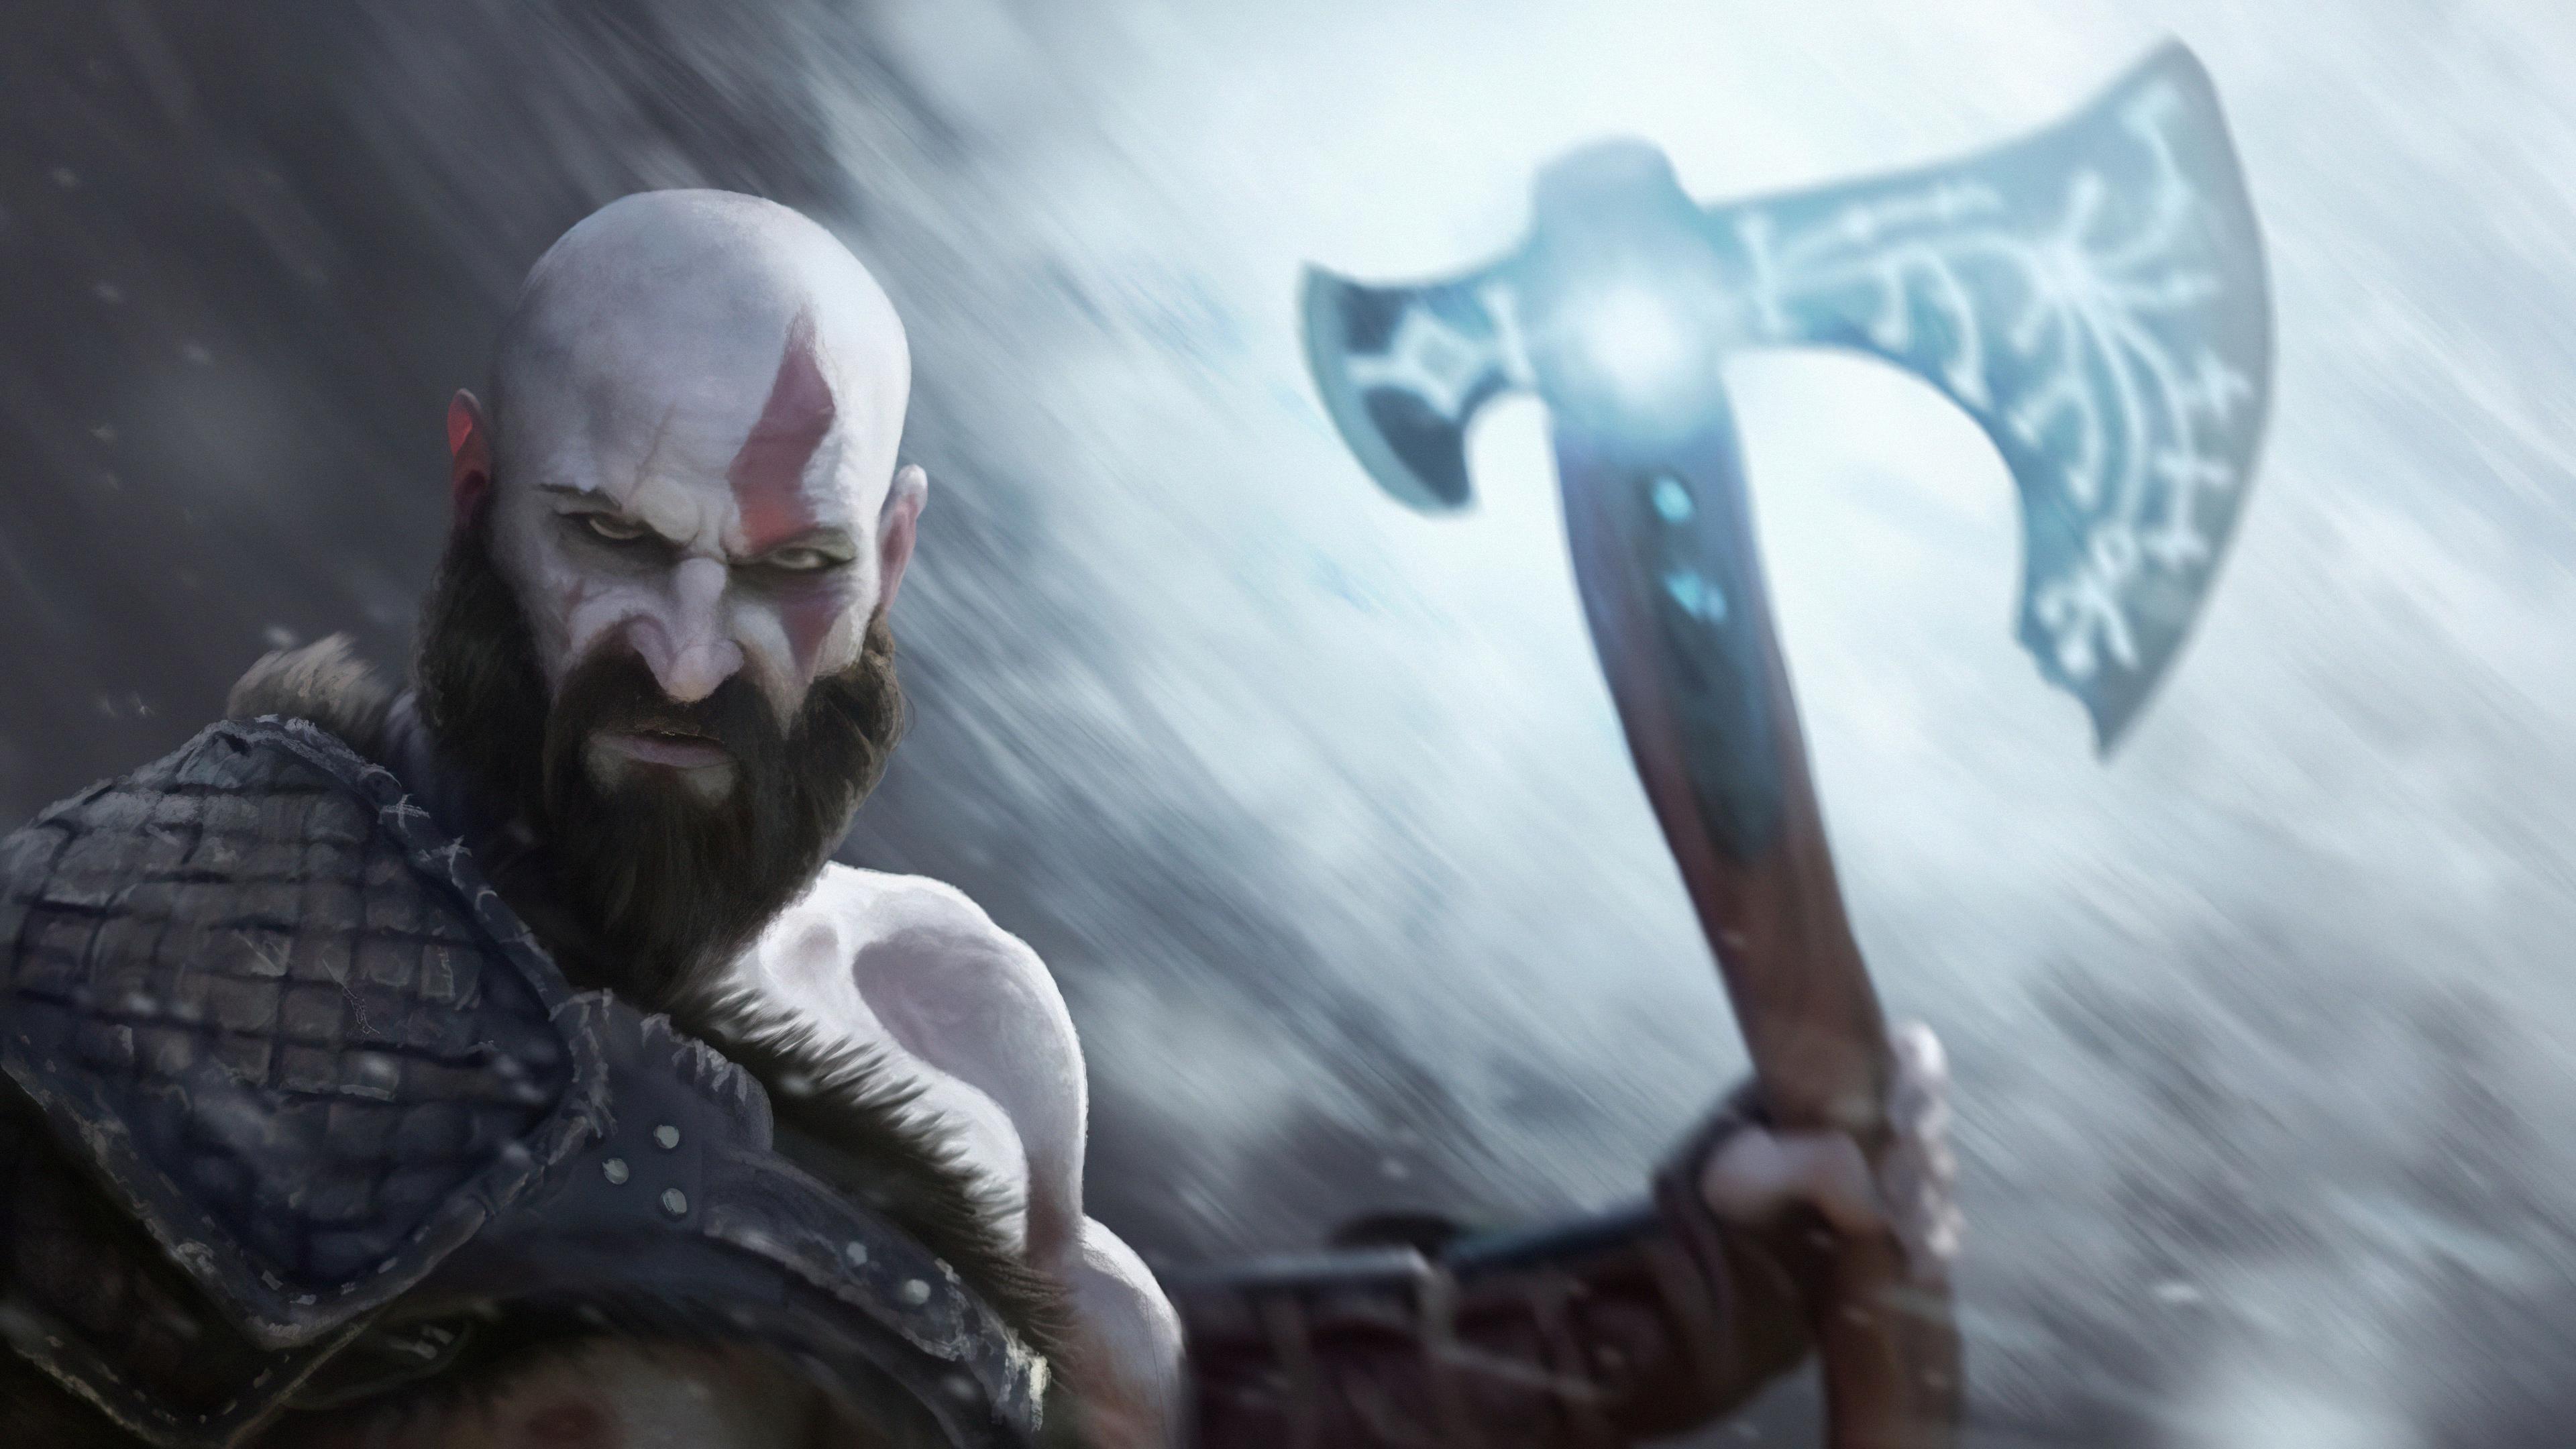 kratos digital paint art 4k 1628453678 - Kratos Digital Paint Art 4k - Kratos Digital Paint Art 4k wallpapers